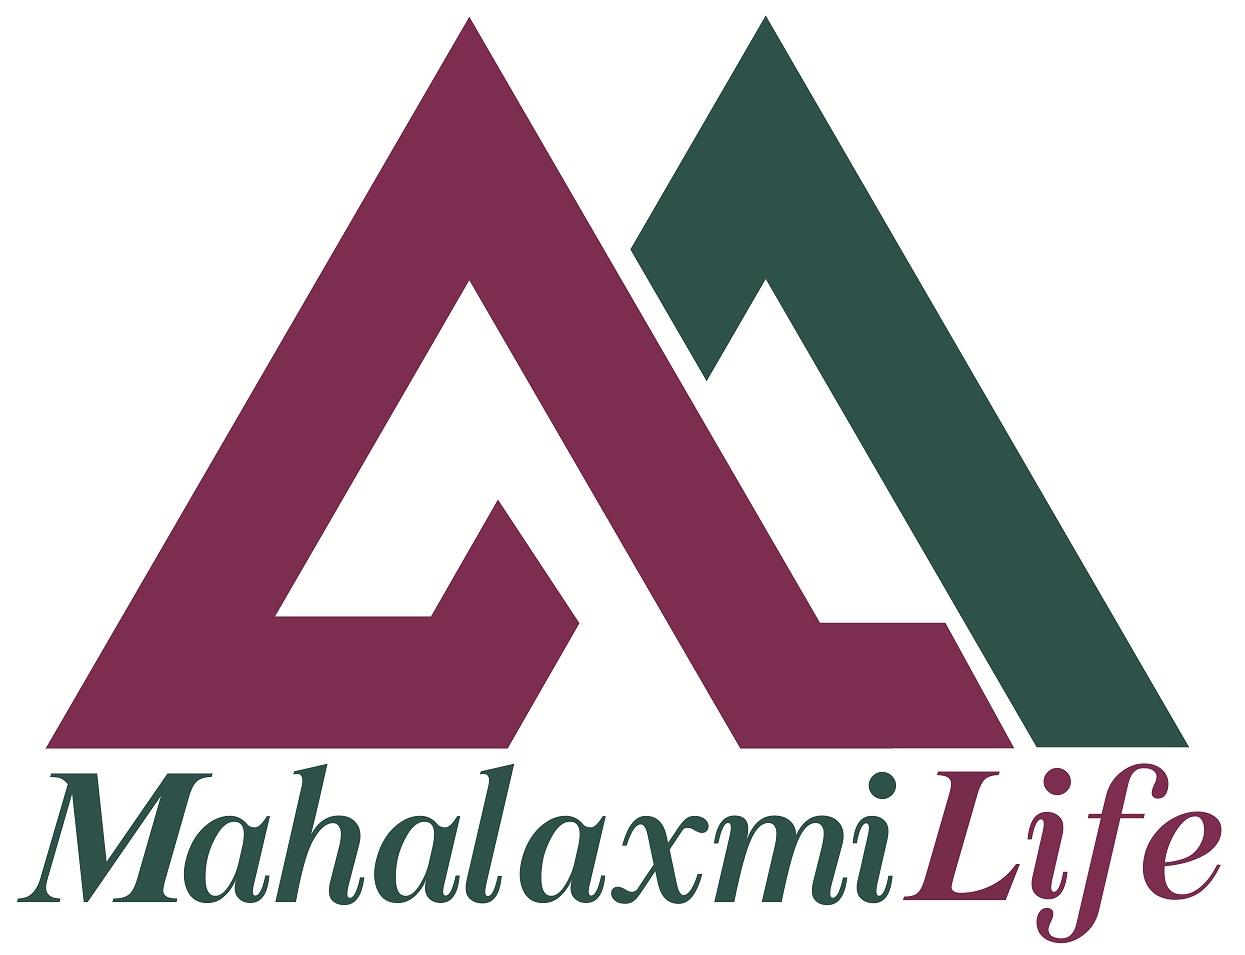 महालक्ष्मी लाइफले बीमाशुल्क भुक्तानीको बिलम्व शुल्कमा छुट दिने